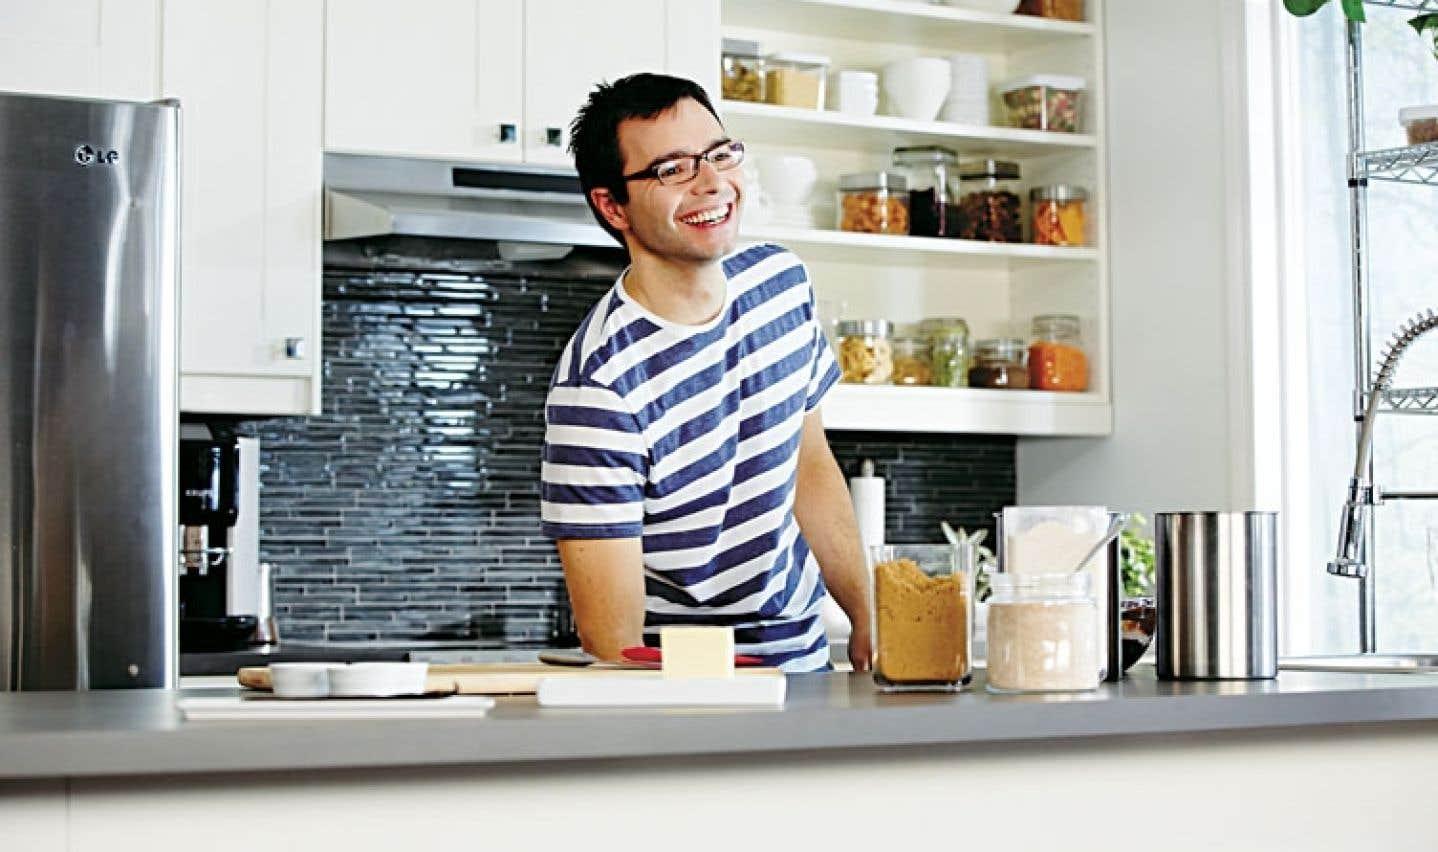 Patrice Demers aime mettre en valeur les produits de saison. Pour le temps des Fêtes, il priorise donc des desserts comprenant des agrumes, par exemple.